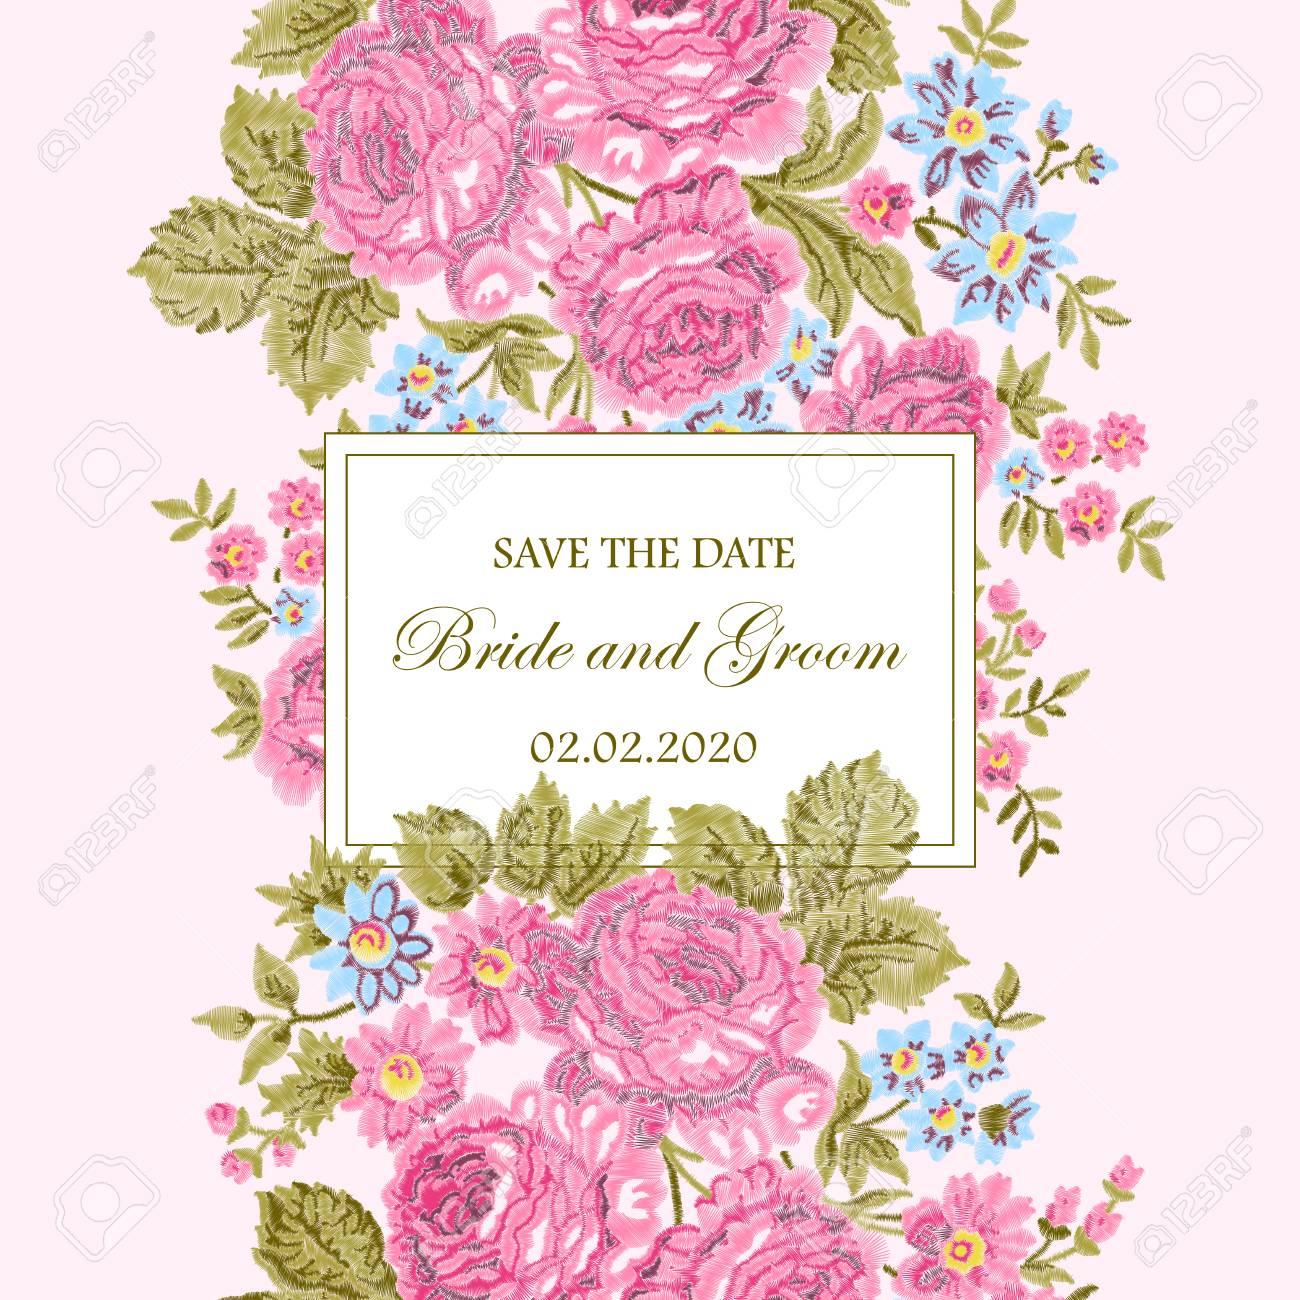 Fondo Flores Rosas Vintage